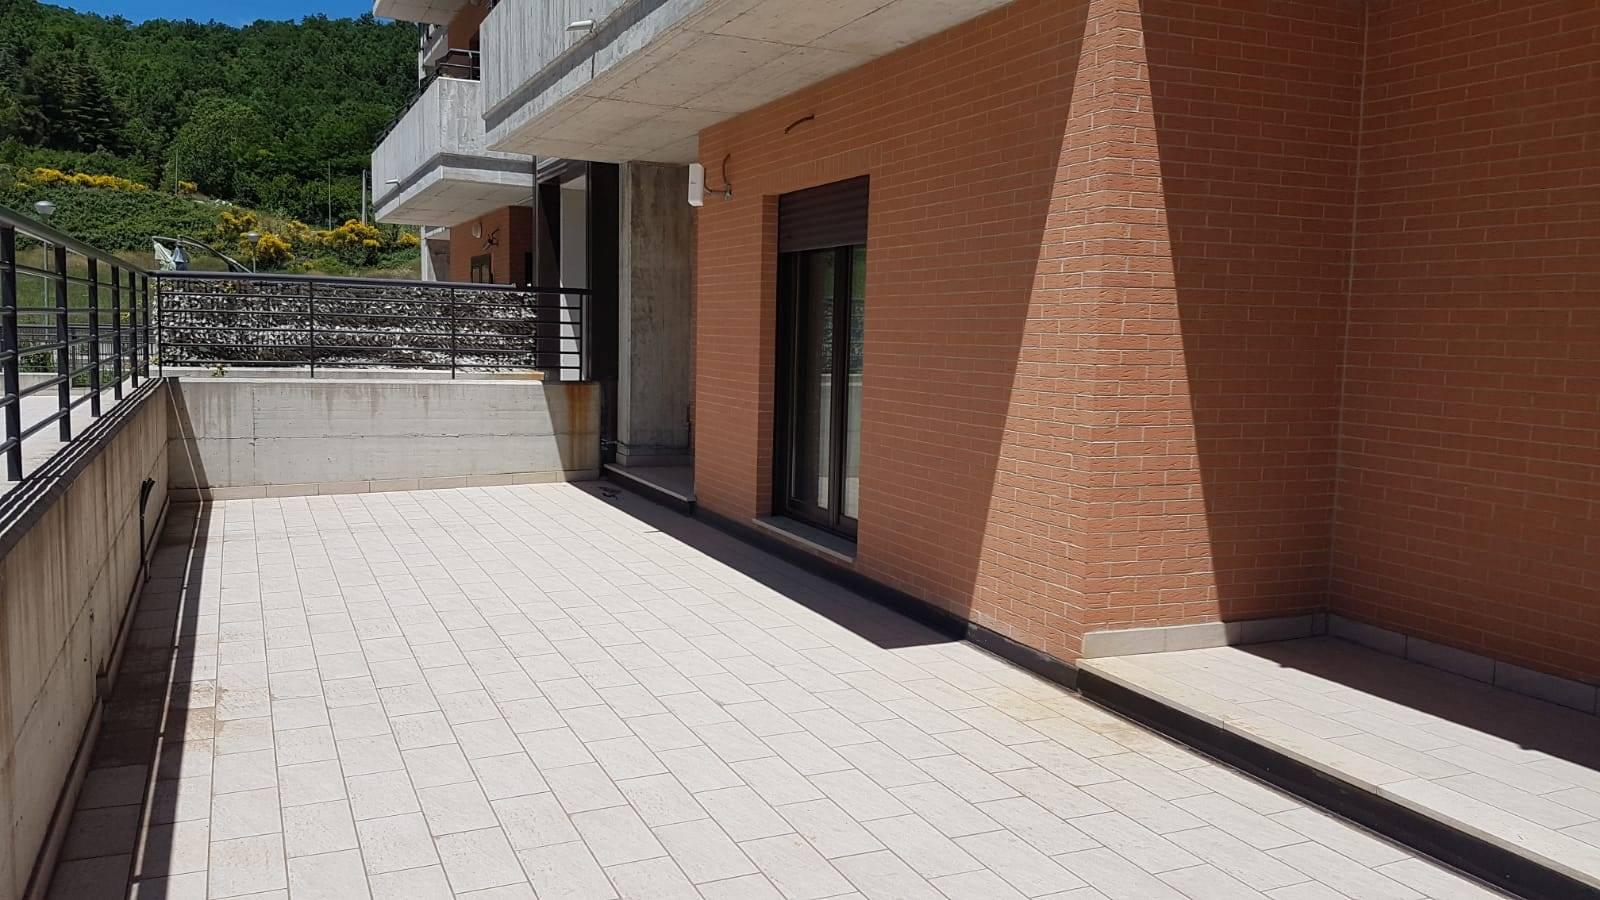 Appartamento in vendita a Potenza, 4 locali, prezzo € 269.000 | PortaleAgenzieImmobiliari.it